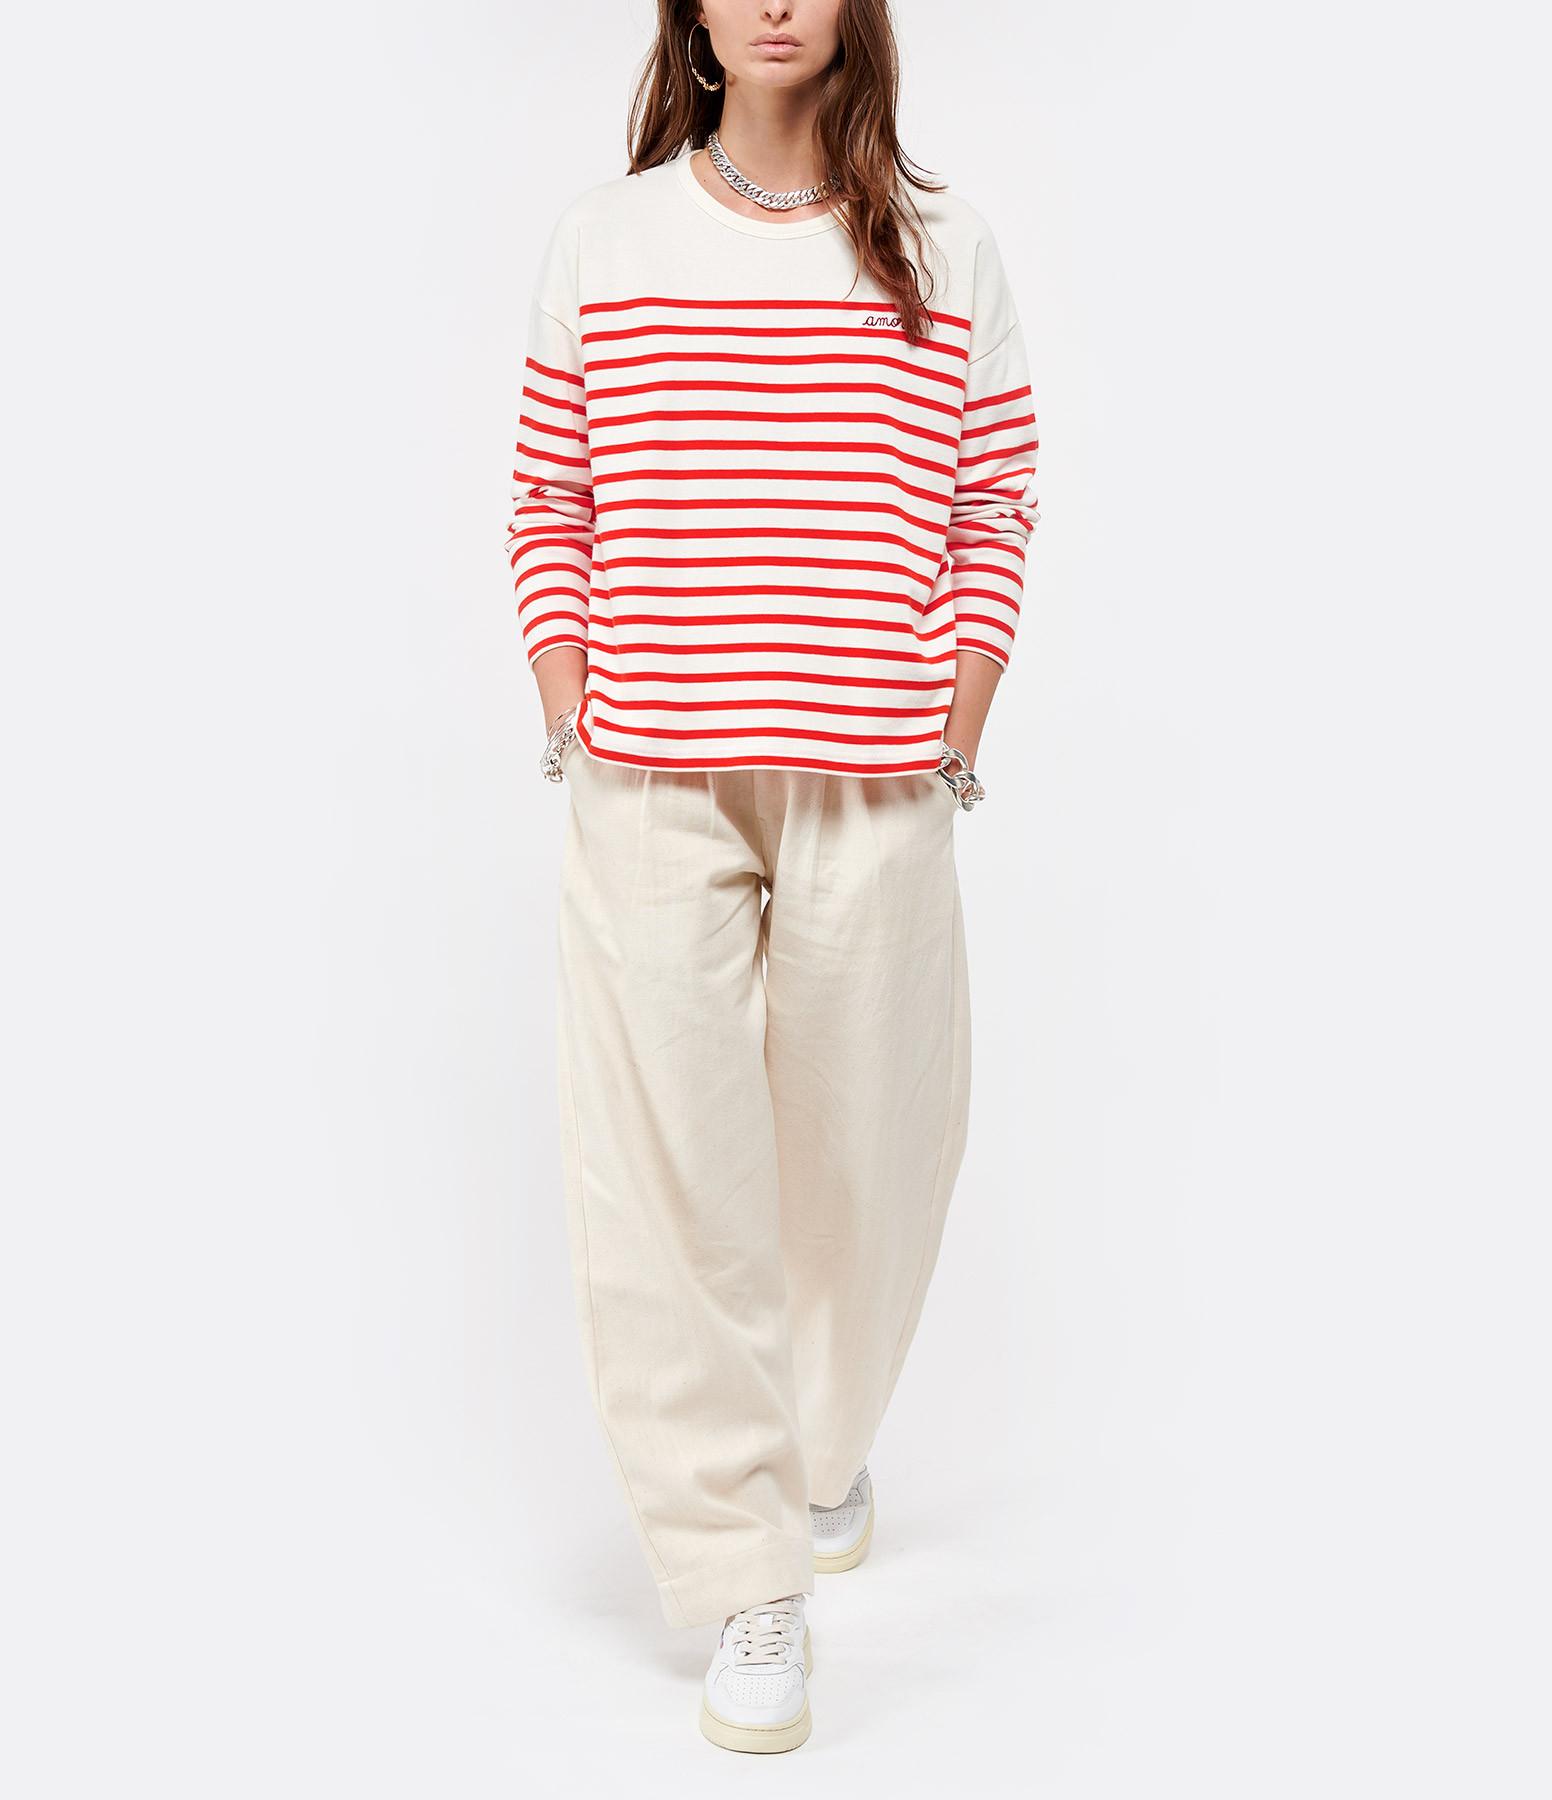 MAISON LABICHE - Tee-shirt Cool Sailor Amore Coton Rouge Ivoire